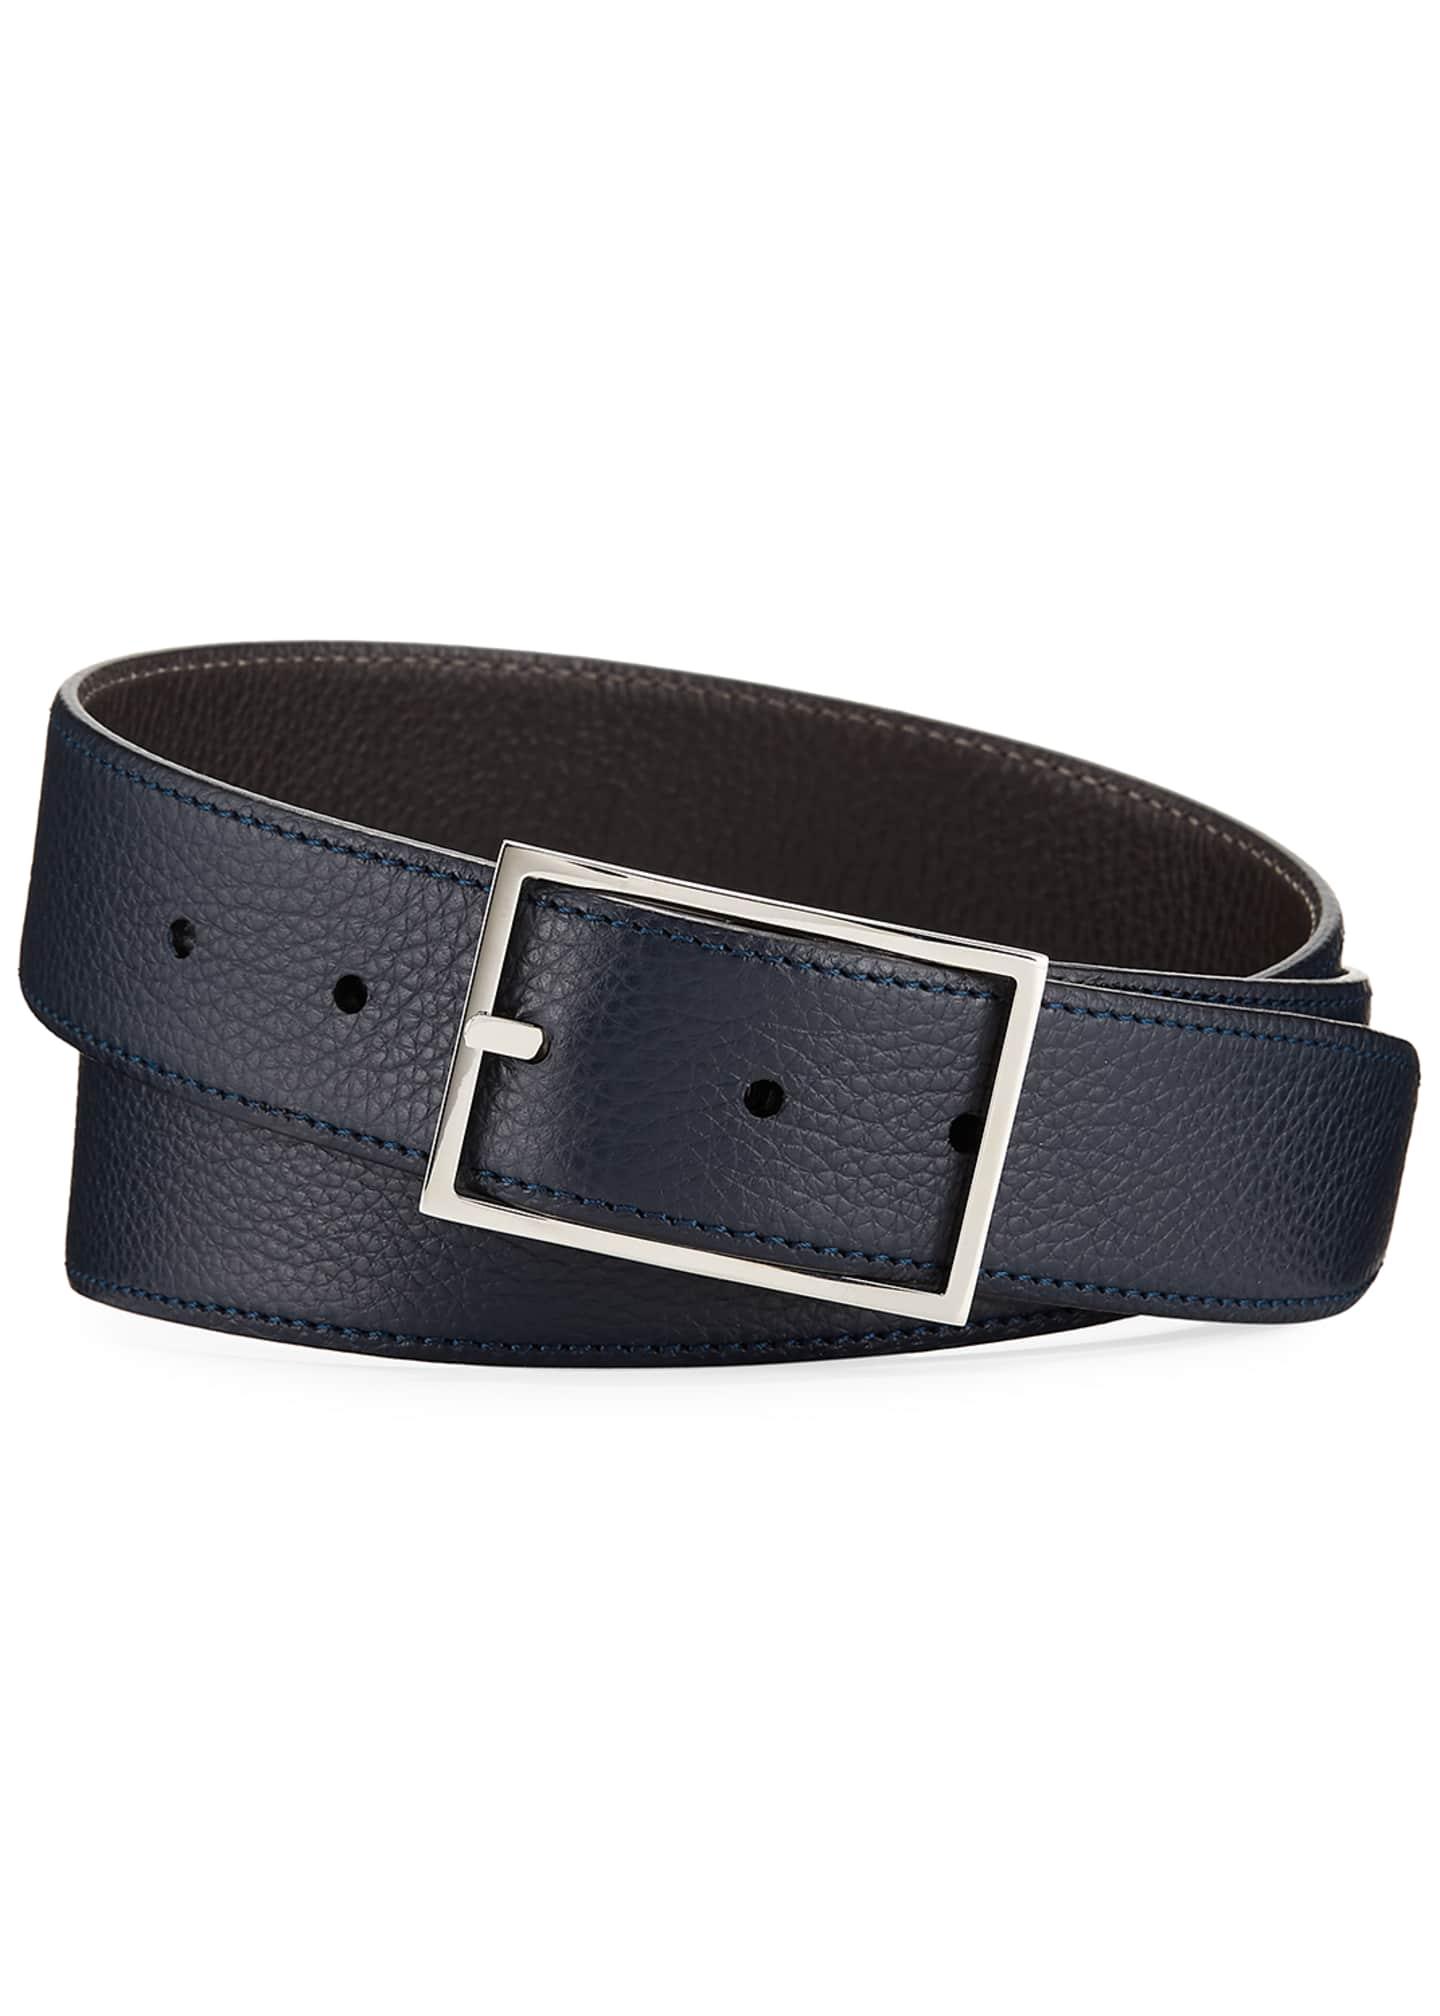 Simonnot Godard Lagun Grained Reversible Belt